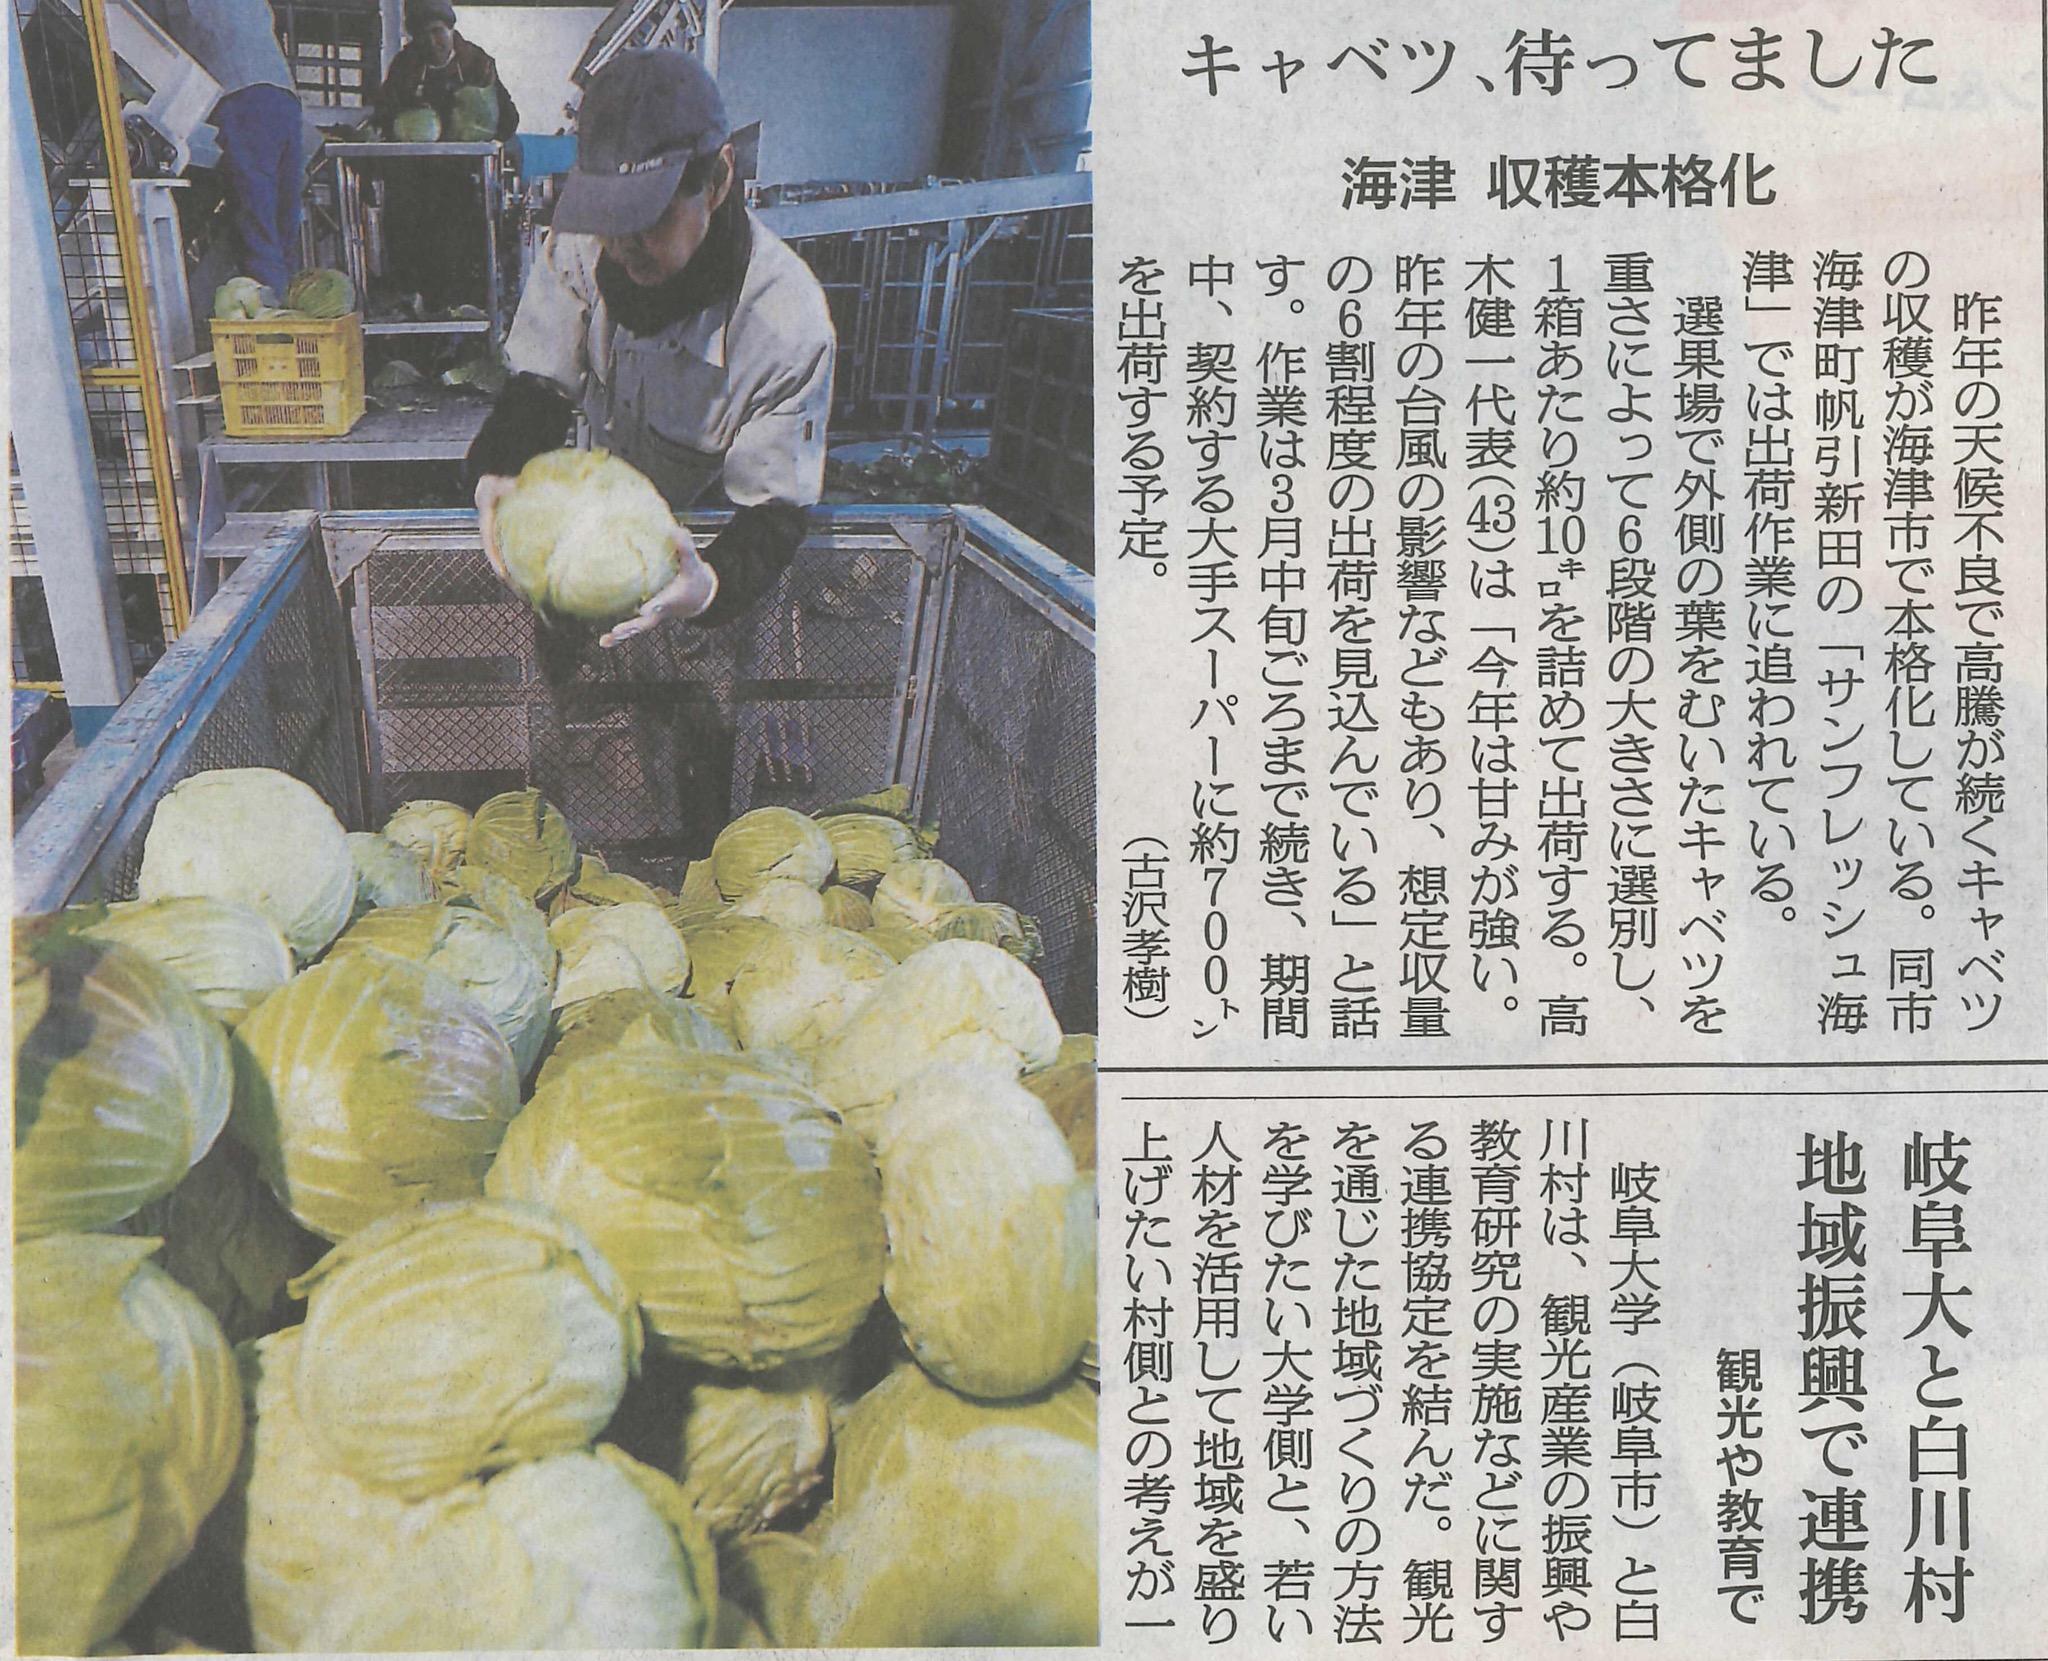 朝日新聞に記事が掲載されました。